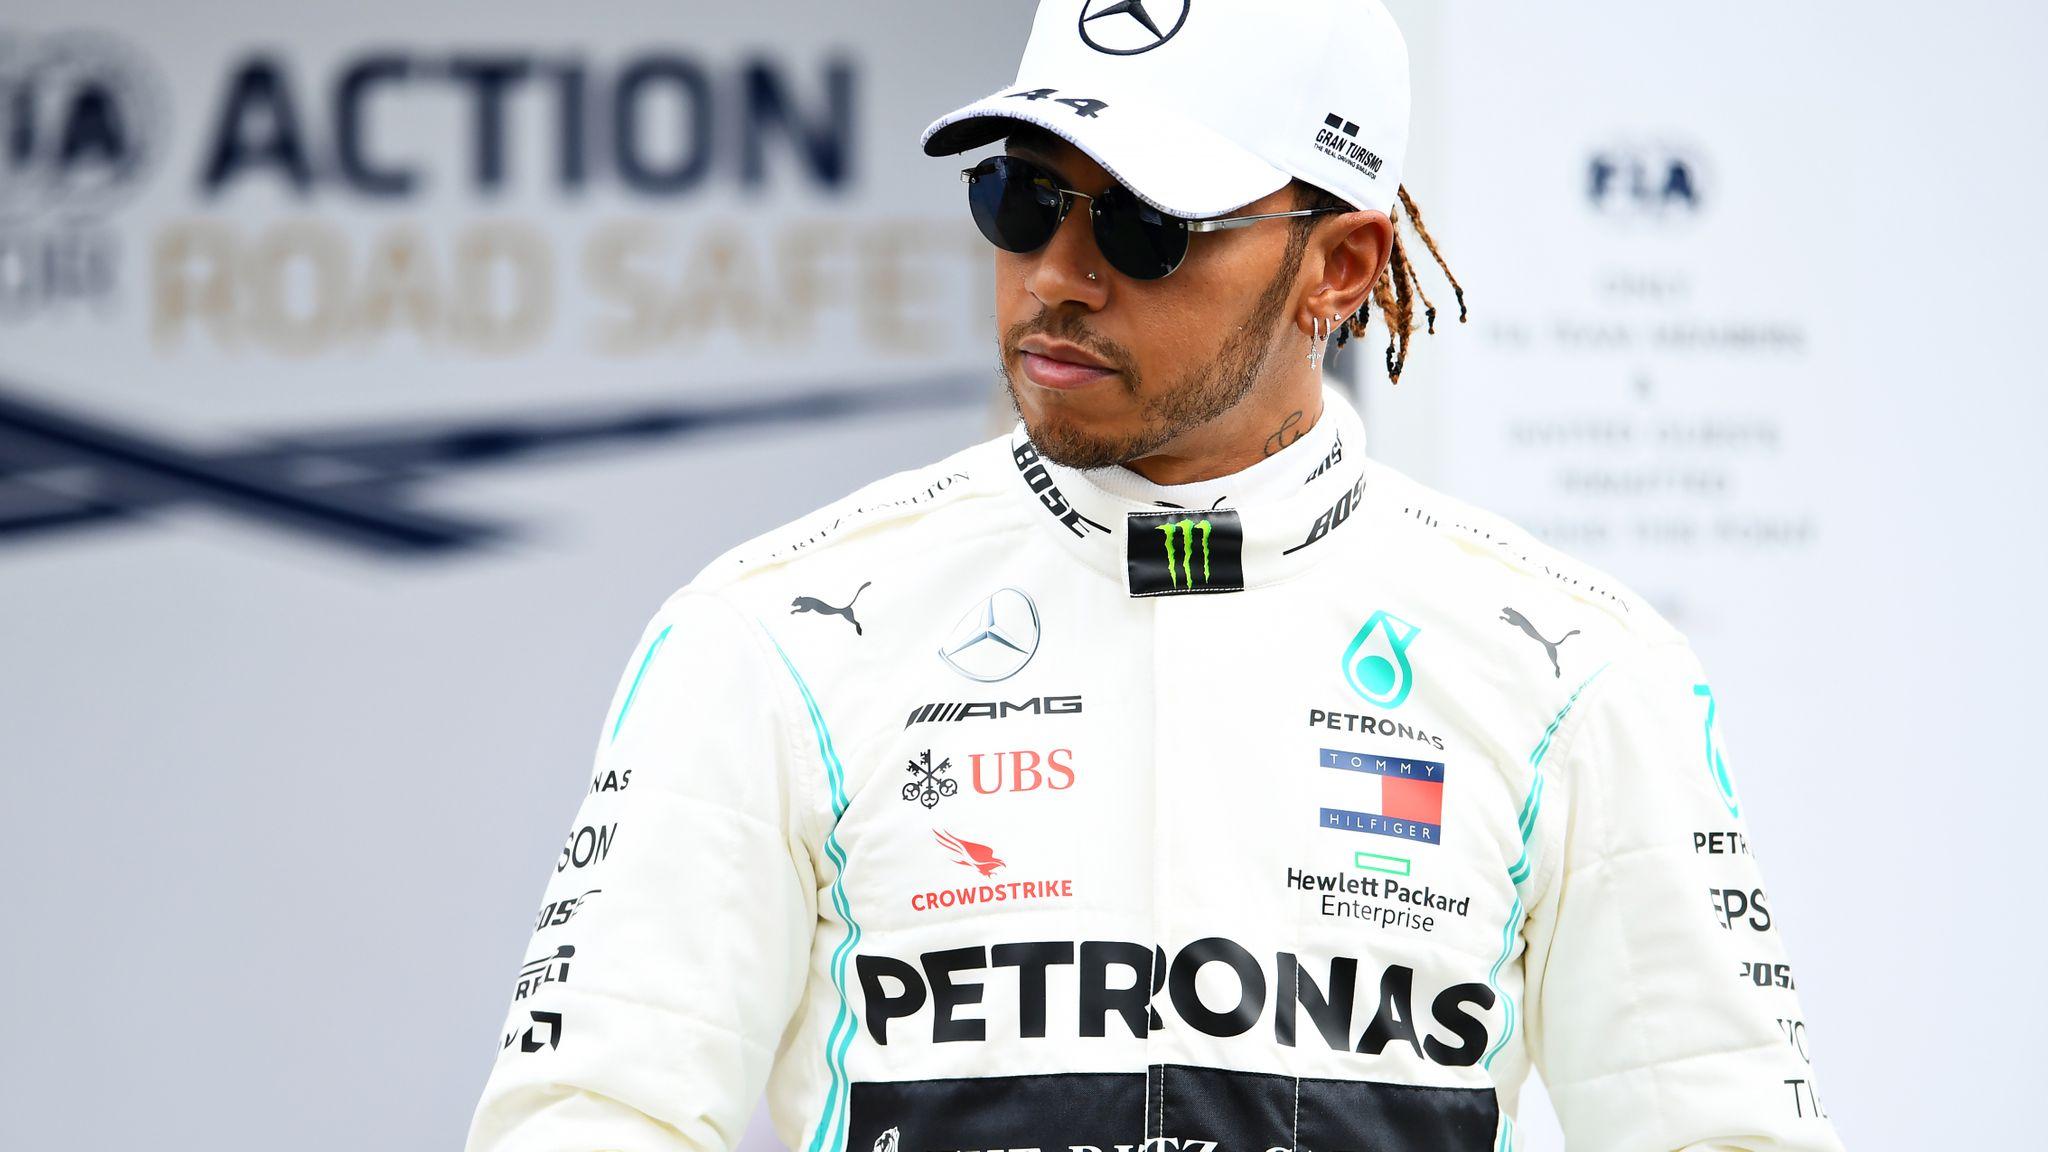 F1 pilotu Hamilton, George Floyd'un öldürülmesine sessiz kalanlara tepki gösterdi